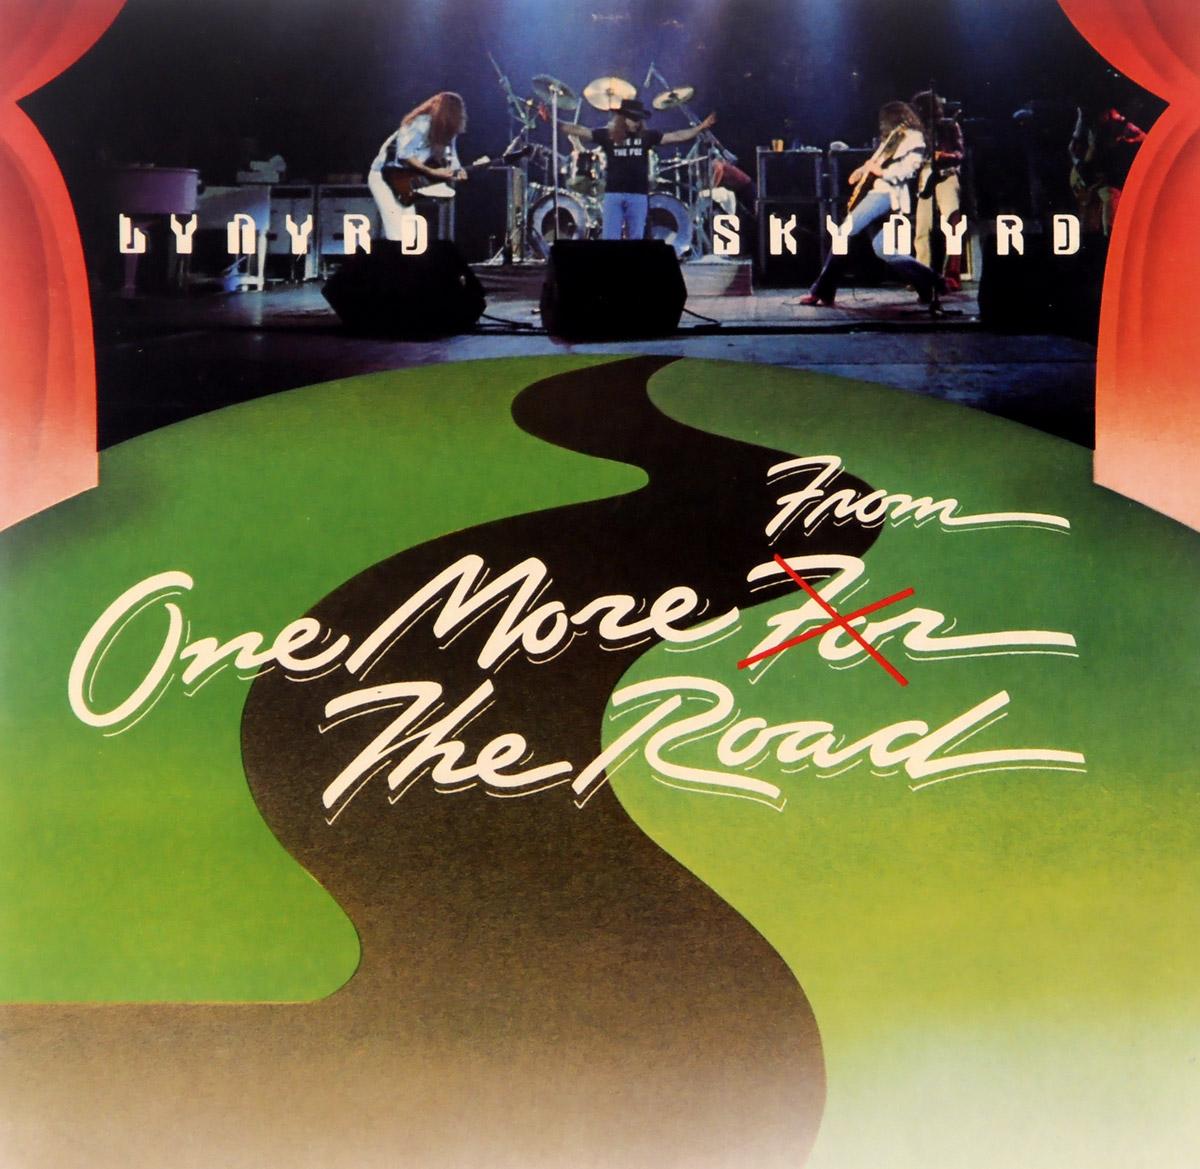 Lynyrd Skynyrd Lynyrd Skynyrd. One More From The Road (2 LP) lynyrd skynyrd lynyrd skynyrd one more from the road 2 lp